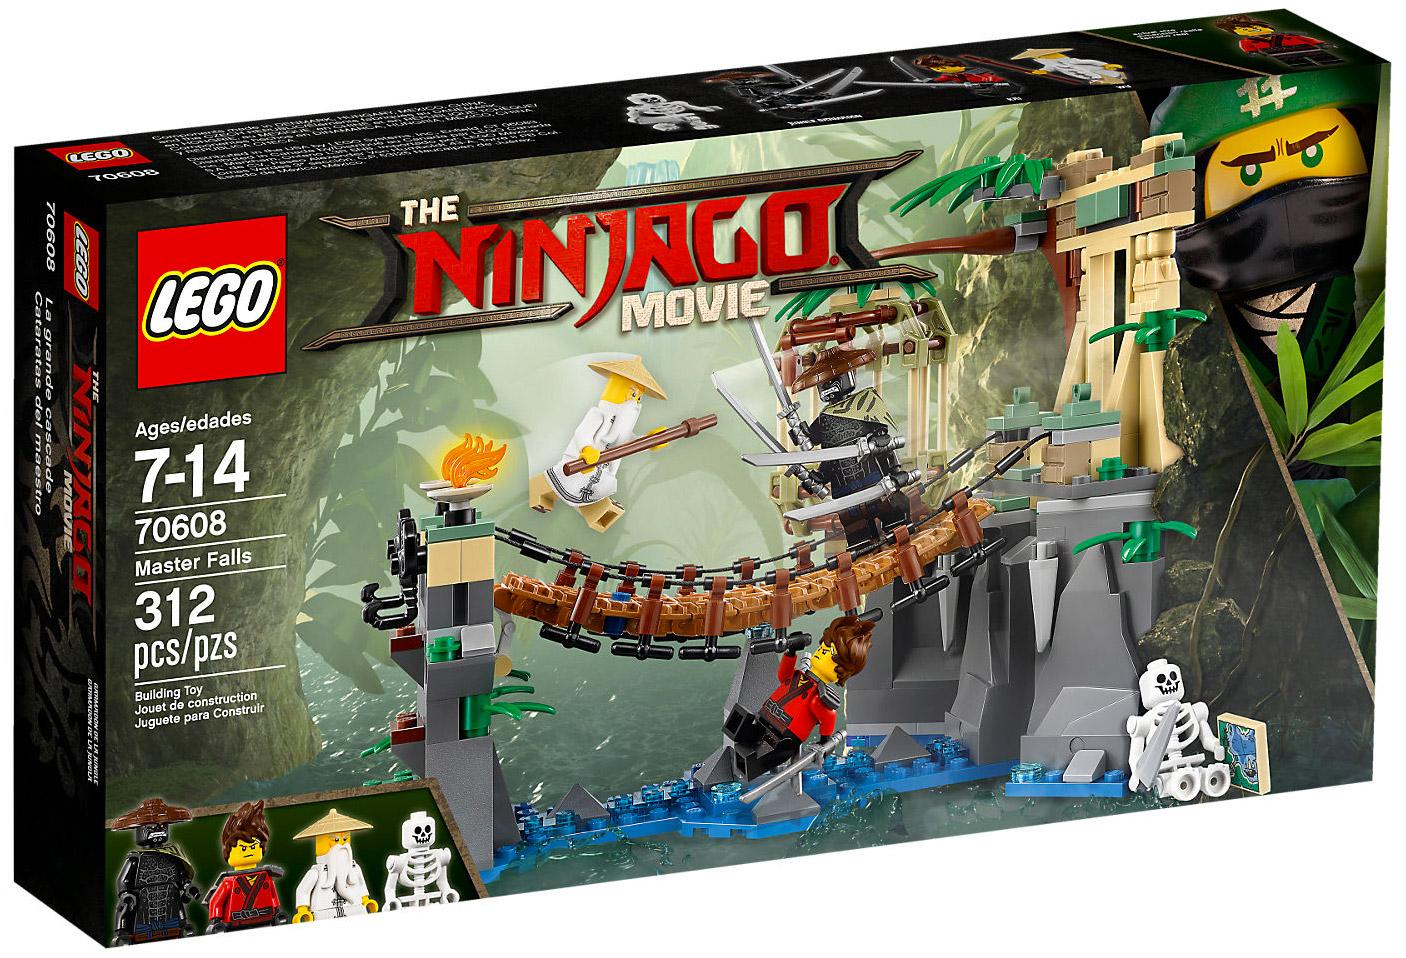 Pont Jungle 70608 Lego De Ninjago Le La xCBdoeQrW